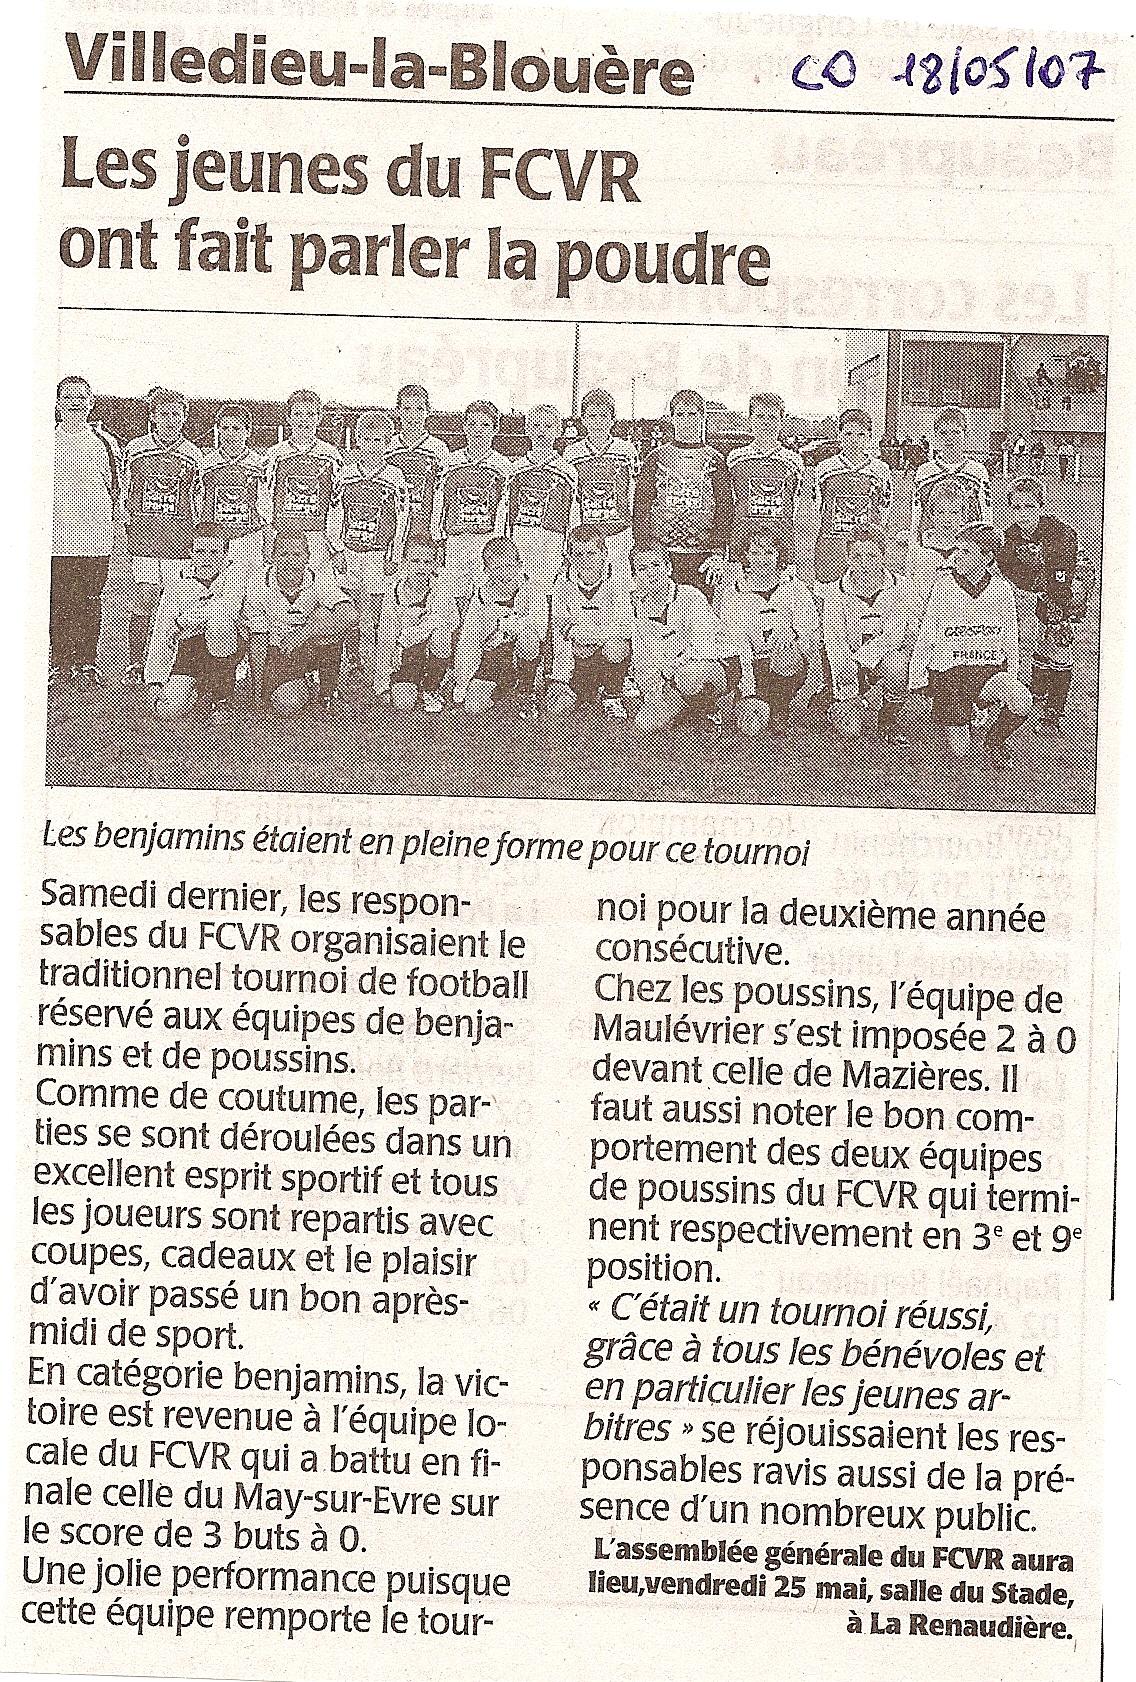 apres-tournoi-co-pb-12-mai-2007